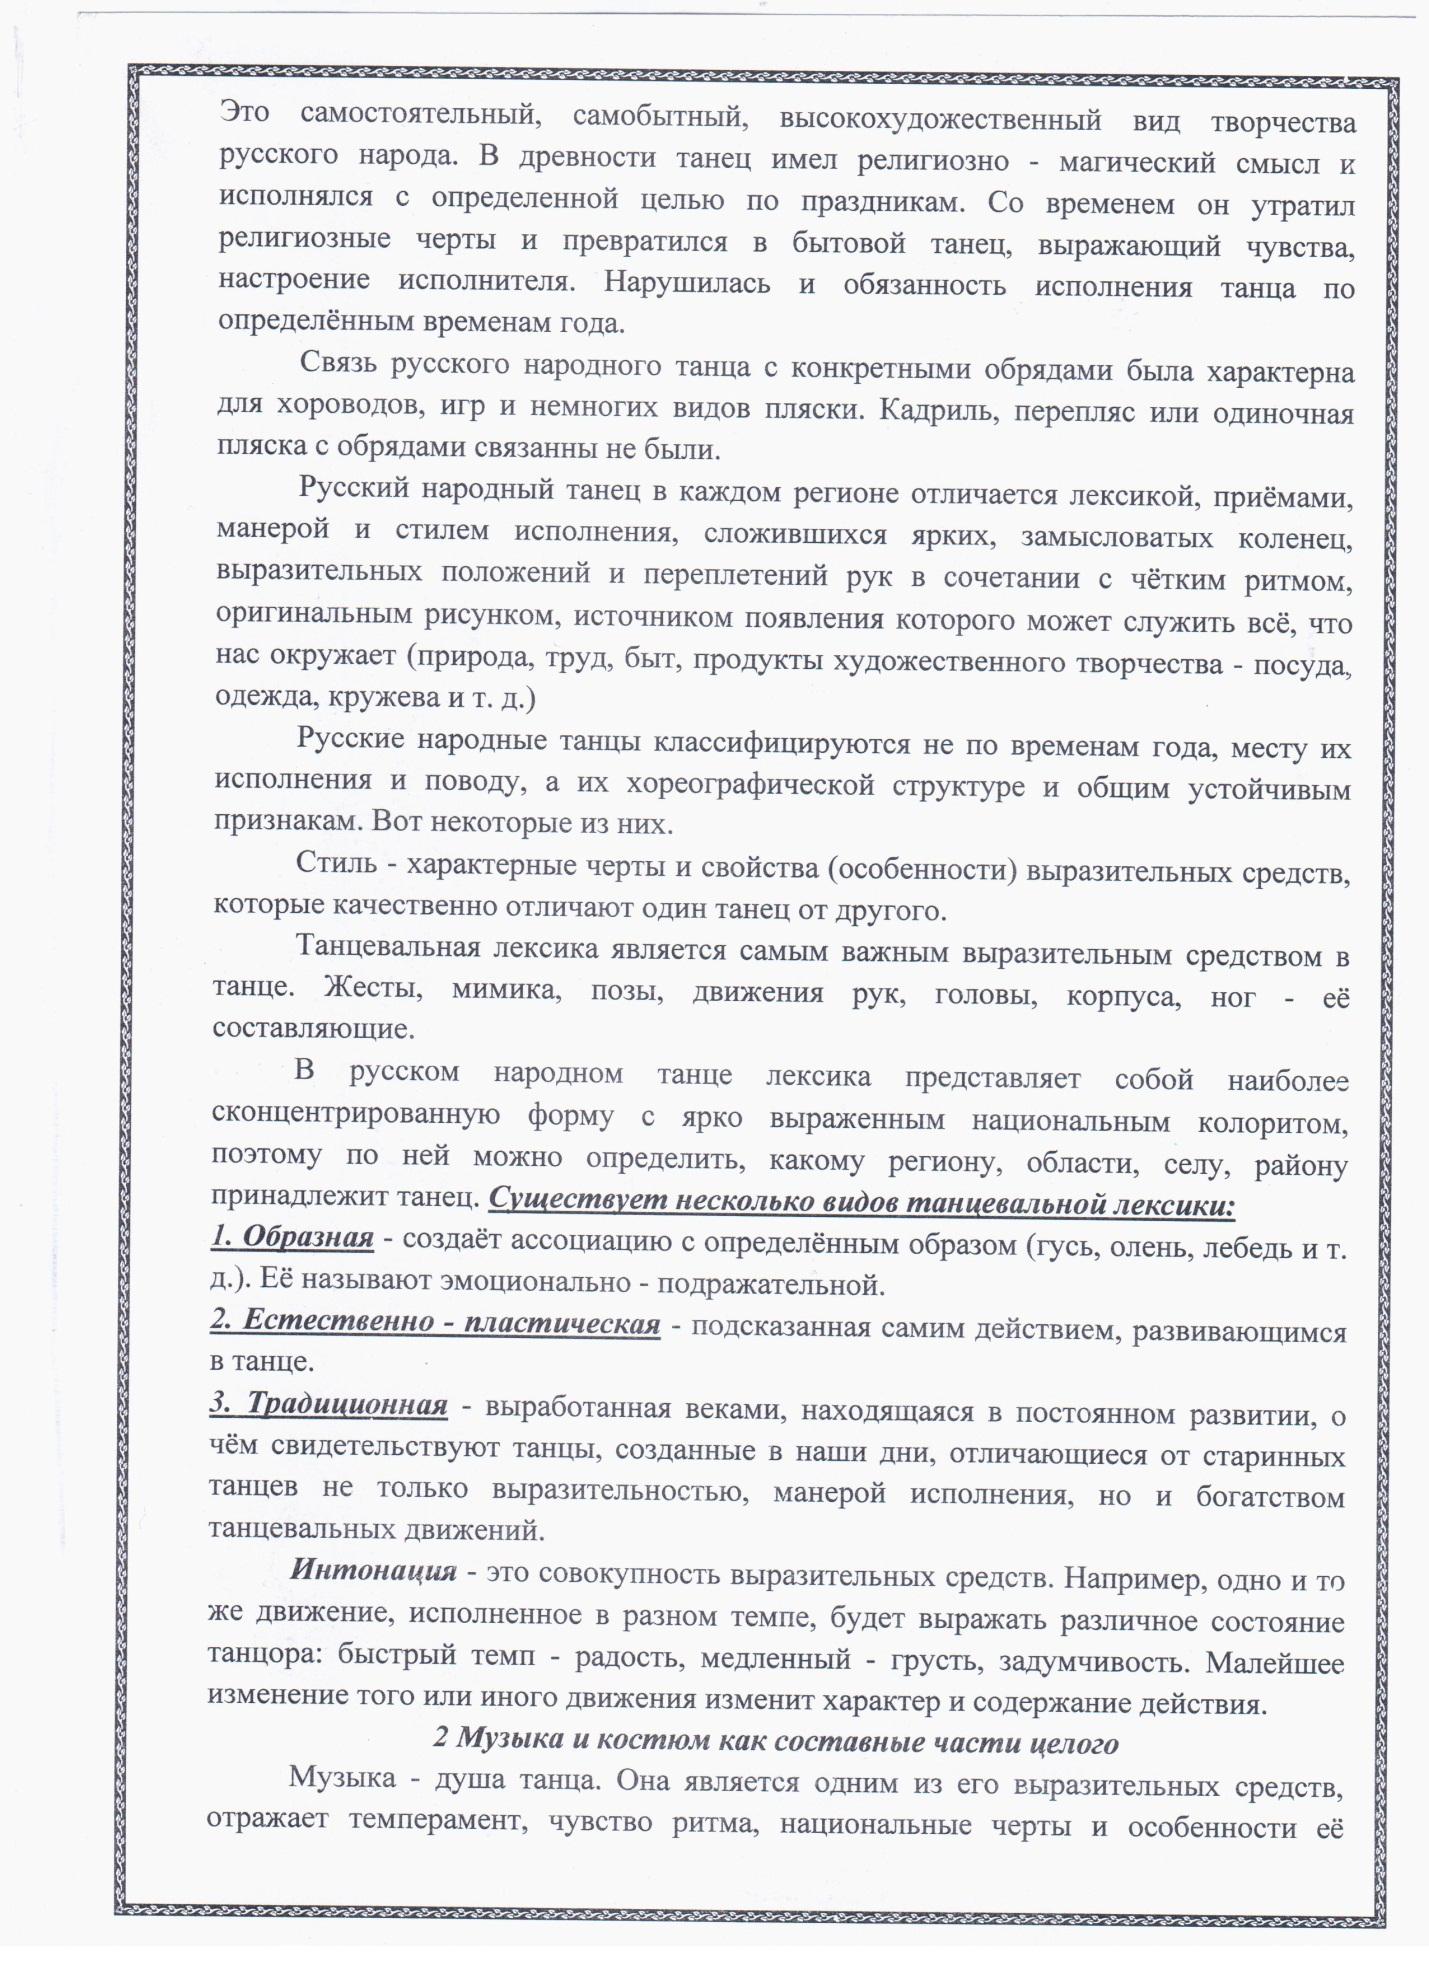 E:\доклад русский танец и еев иды\3.jpeg